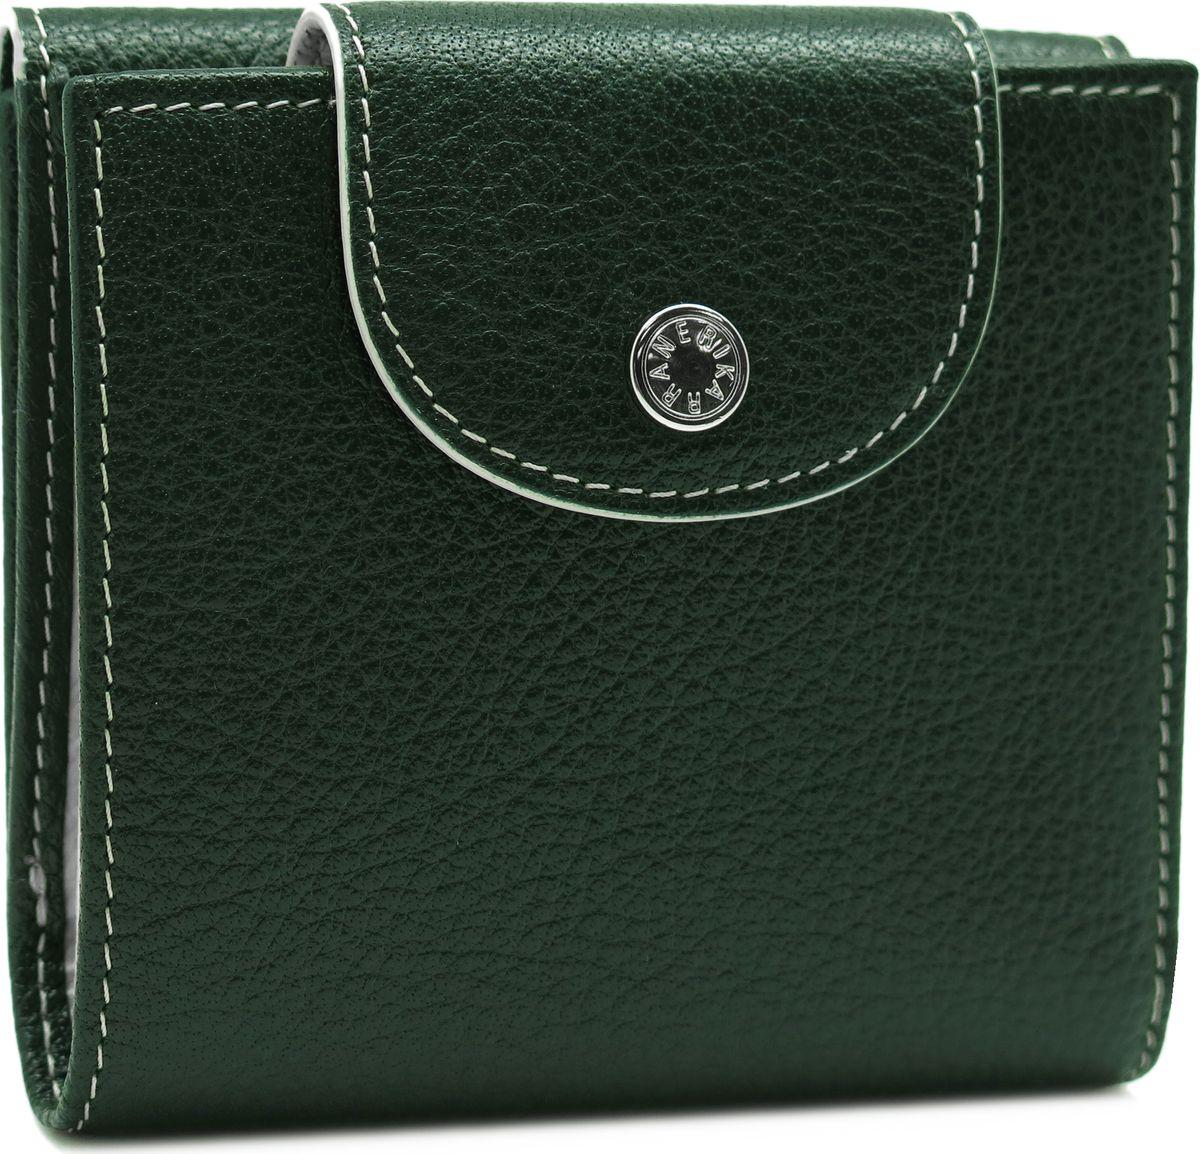 Портмоне женское Neri Karra, цвет: зеленый, бежевый. 0586 05.06/04N